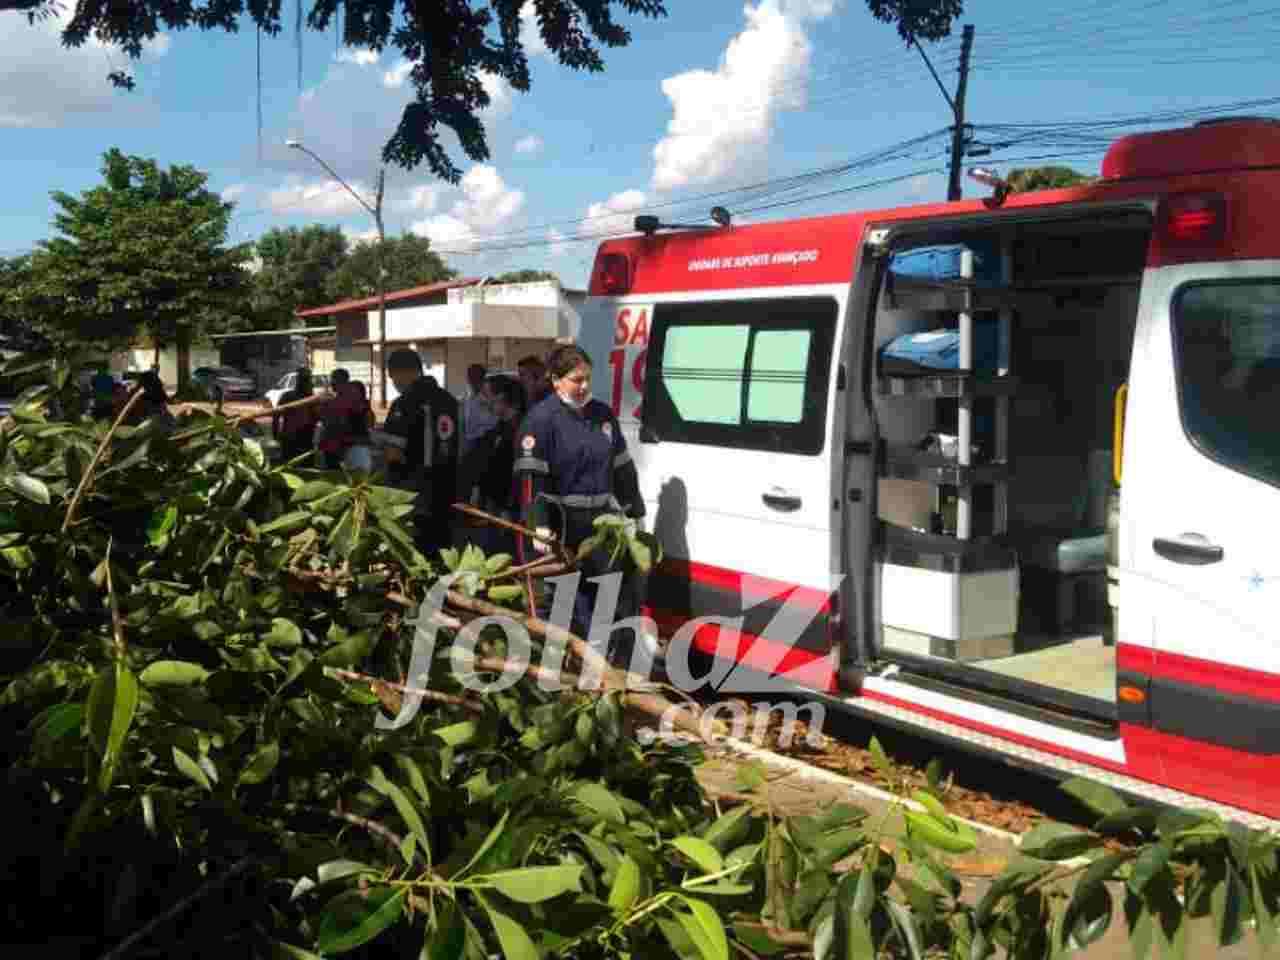 Funcionário da Prefeitura de Goiânia morre ao cair de árvore enquanto podava